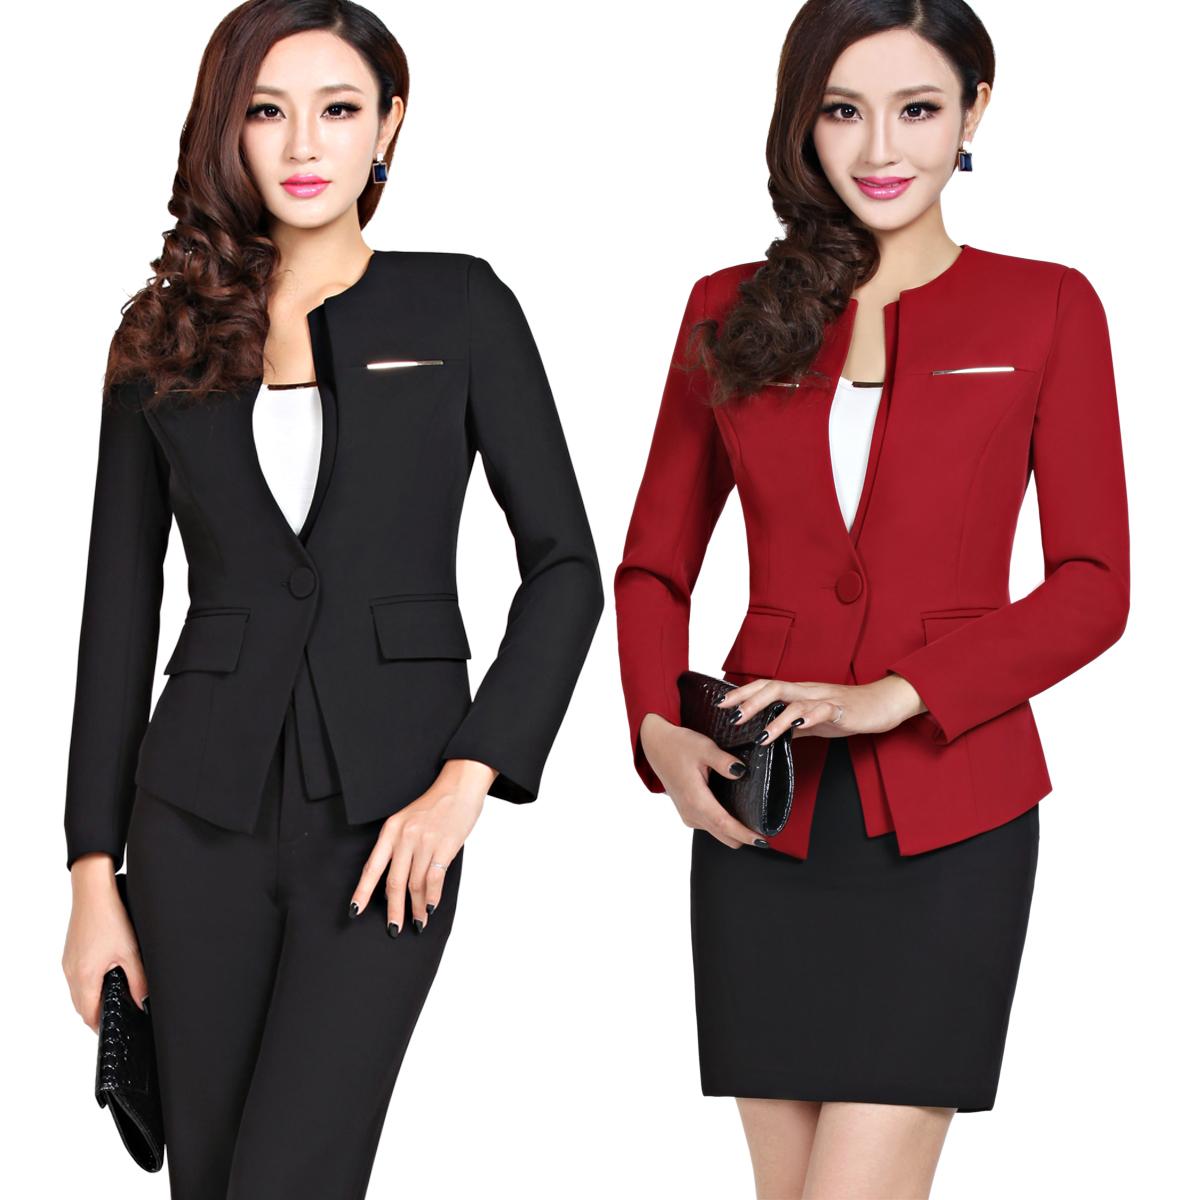 Офисная Одежда Для Женщин 2015 С Доставкой